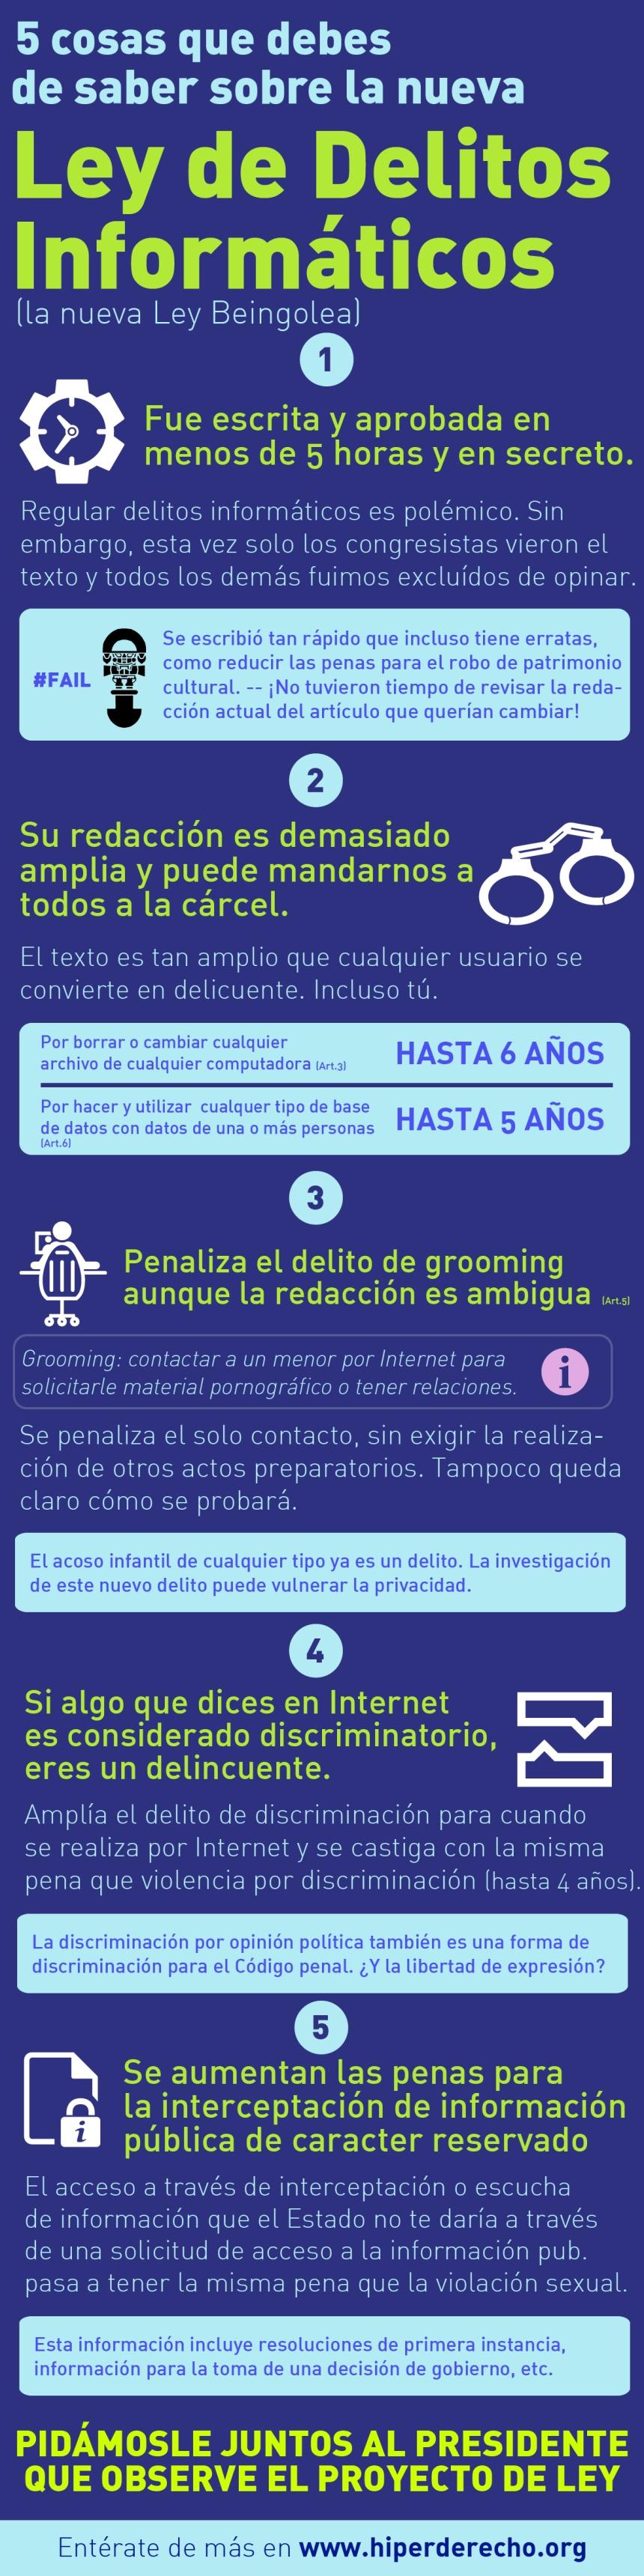 Ley de delitos informáticos en Perú